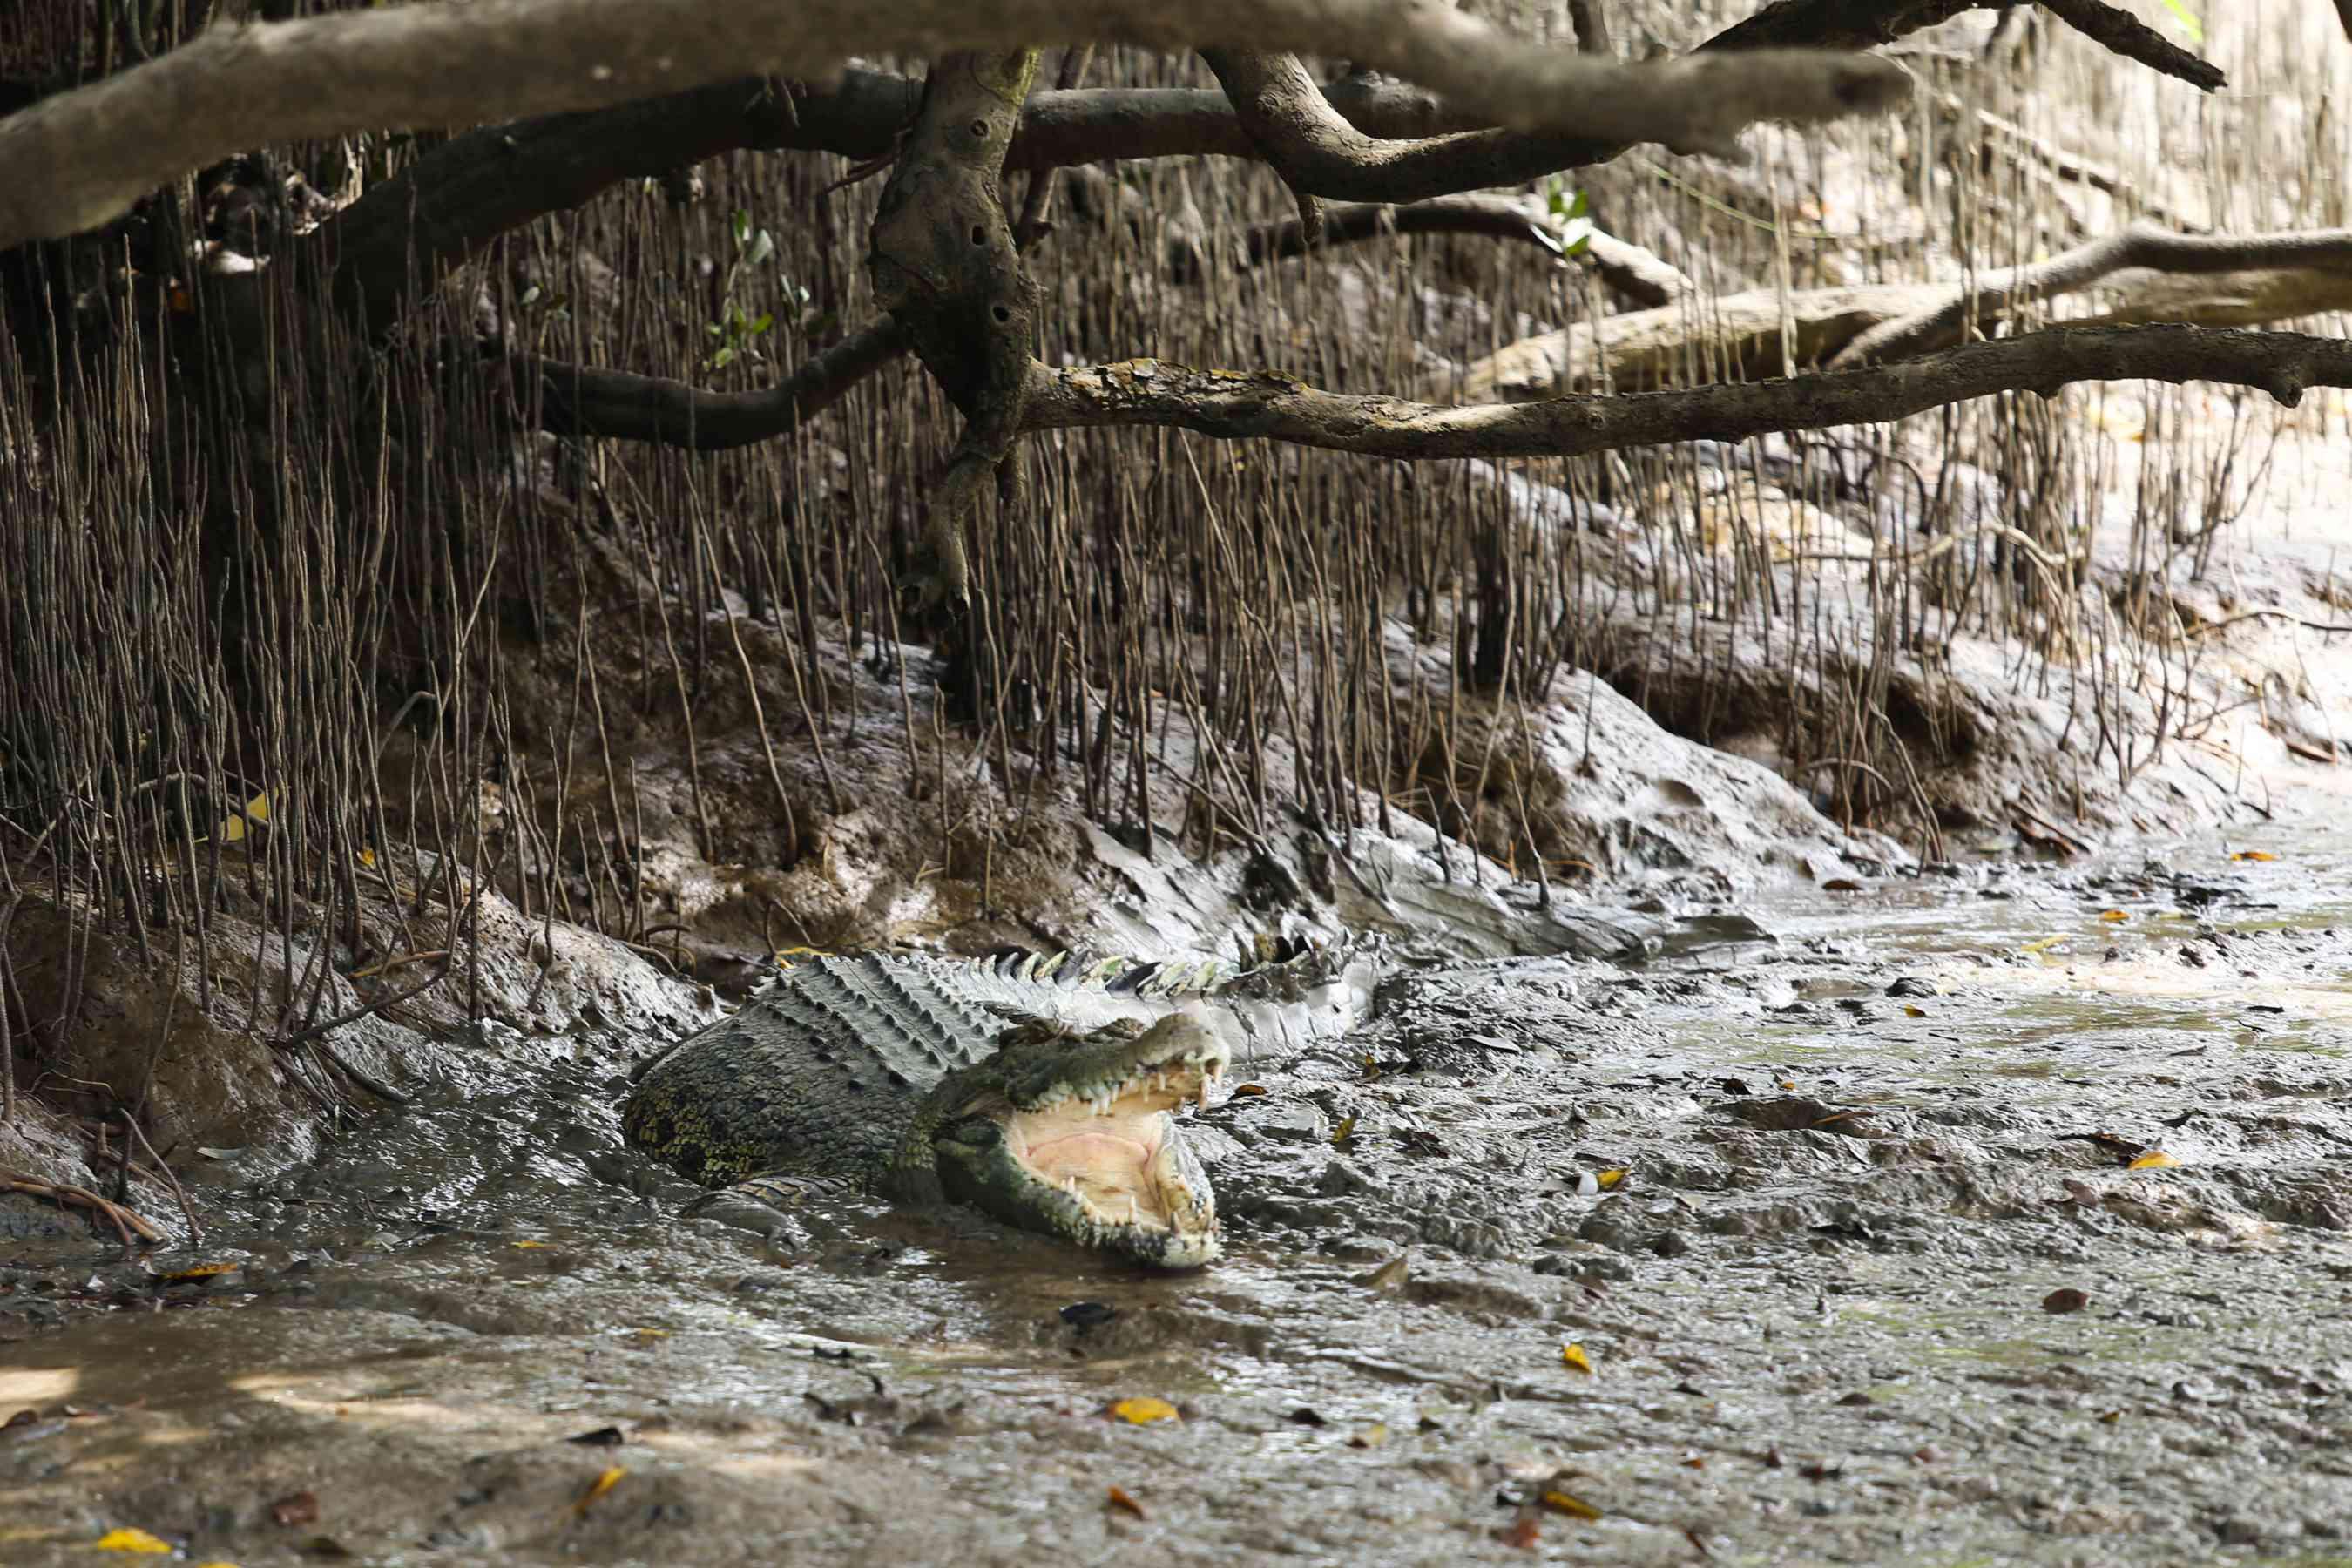 Un cocodrilo en una costa pantanosa en Darwin